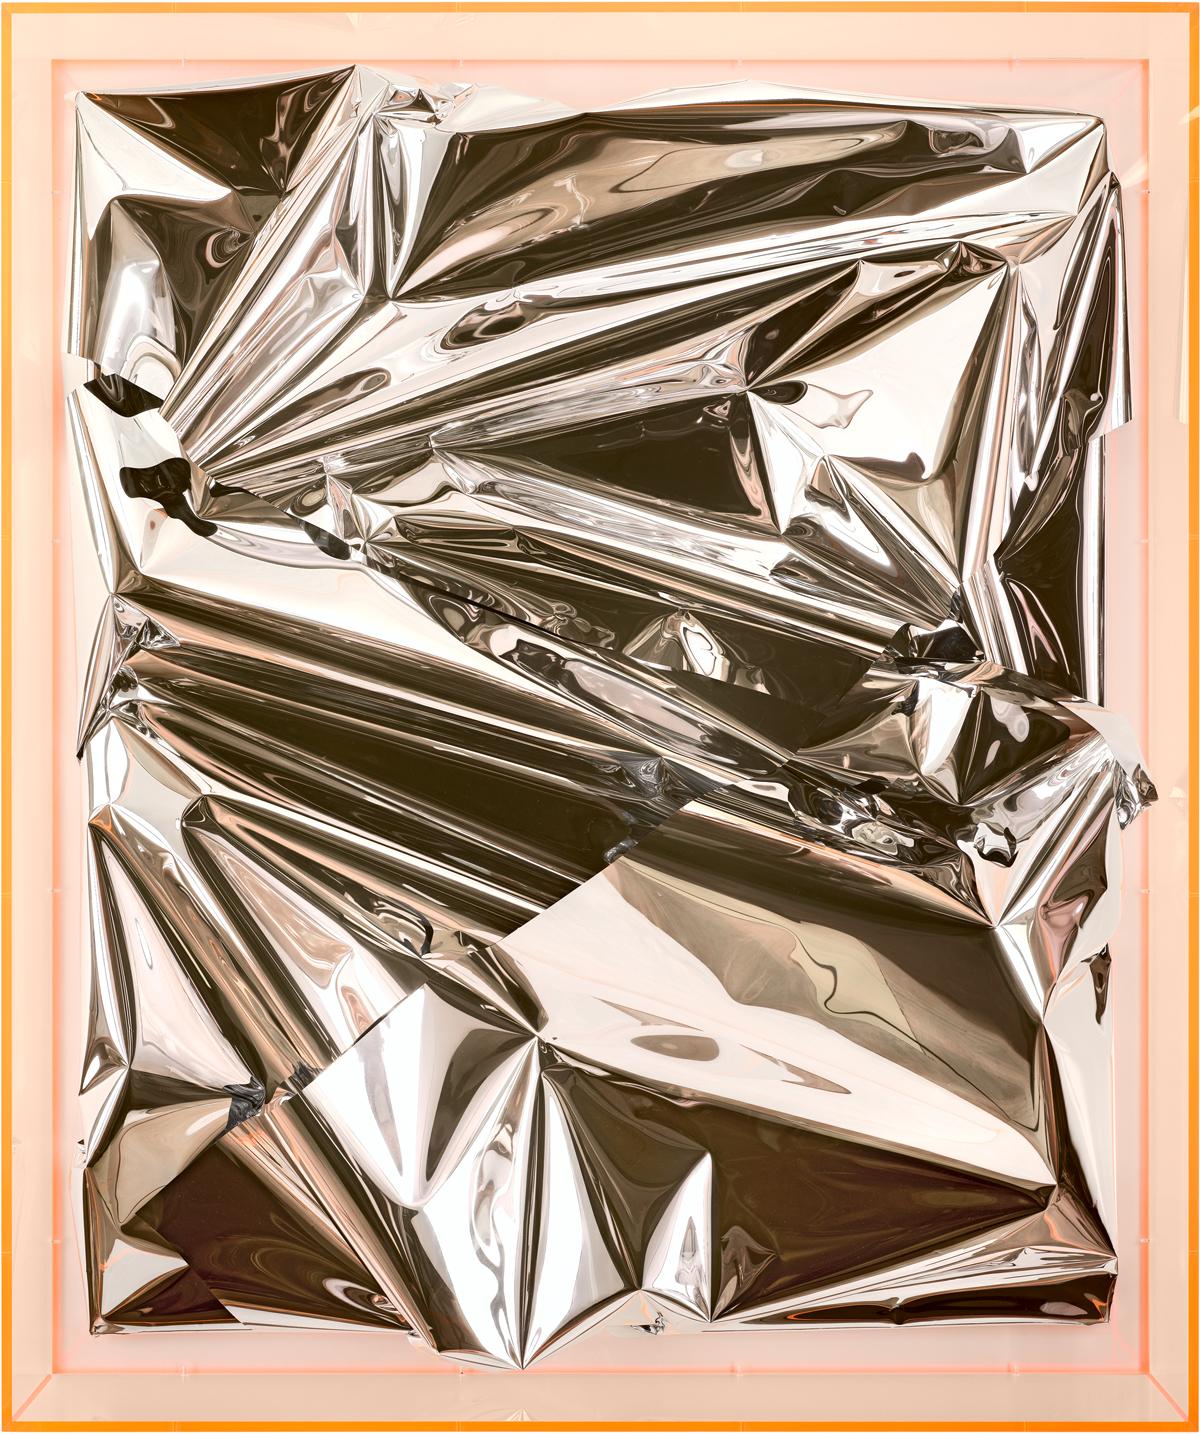 Anselm-Reyle-Untitled-B-nicole-fuller-art-advisory